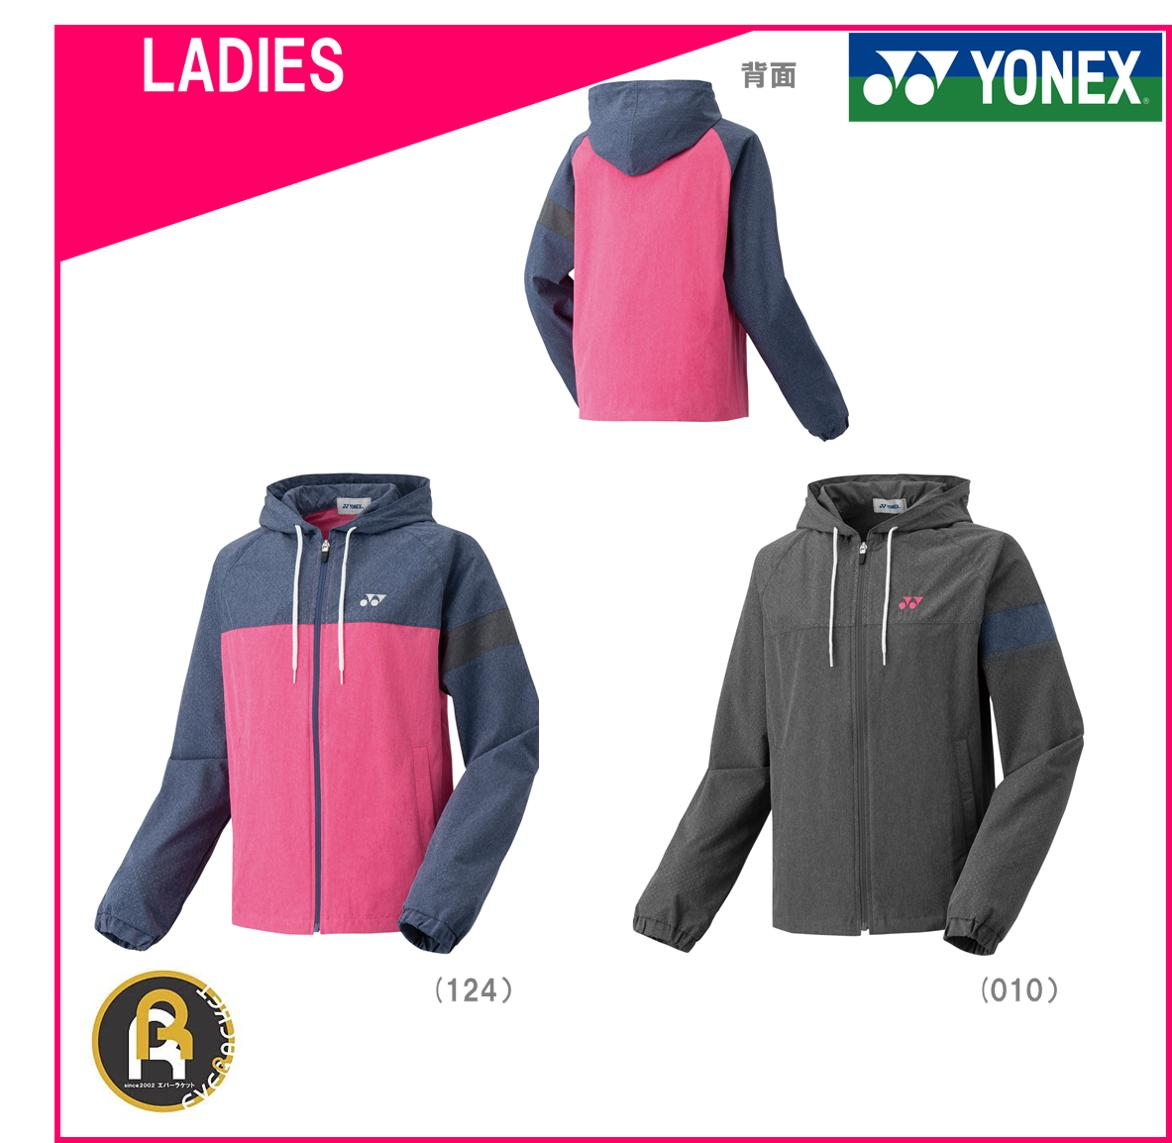 【お買い得商品】ヨネックス YONEX バドミントン ソフトテニス ウォームアップパーカー フィットスタイル パンチングウーブン ウェア ユニフォーム WOMEN レディース 57042